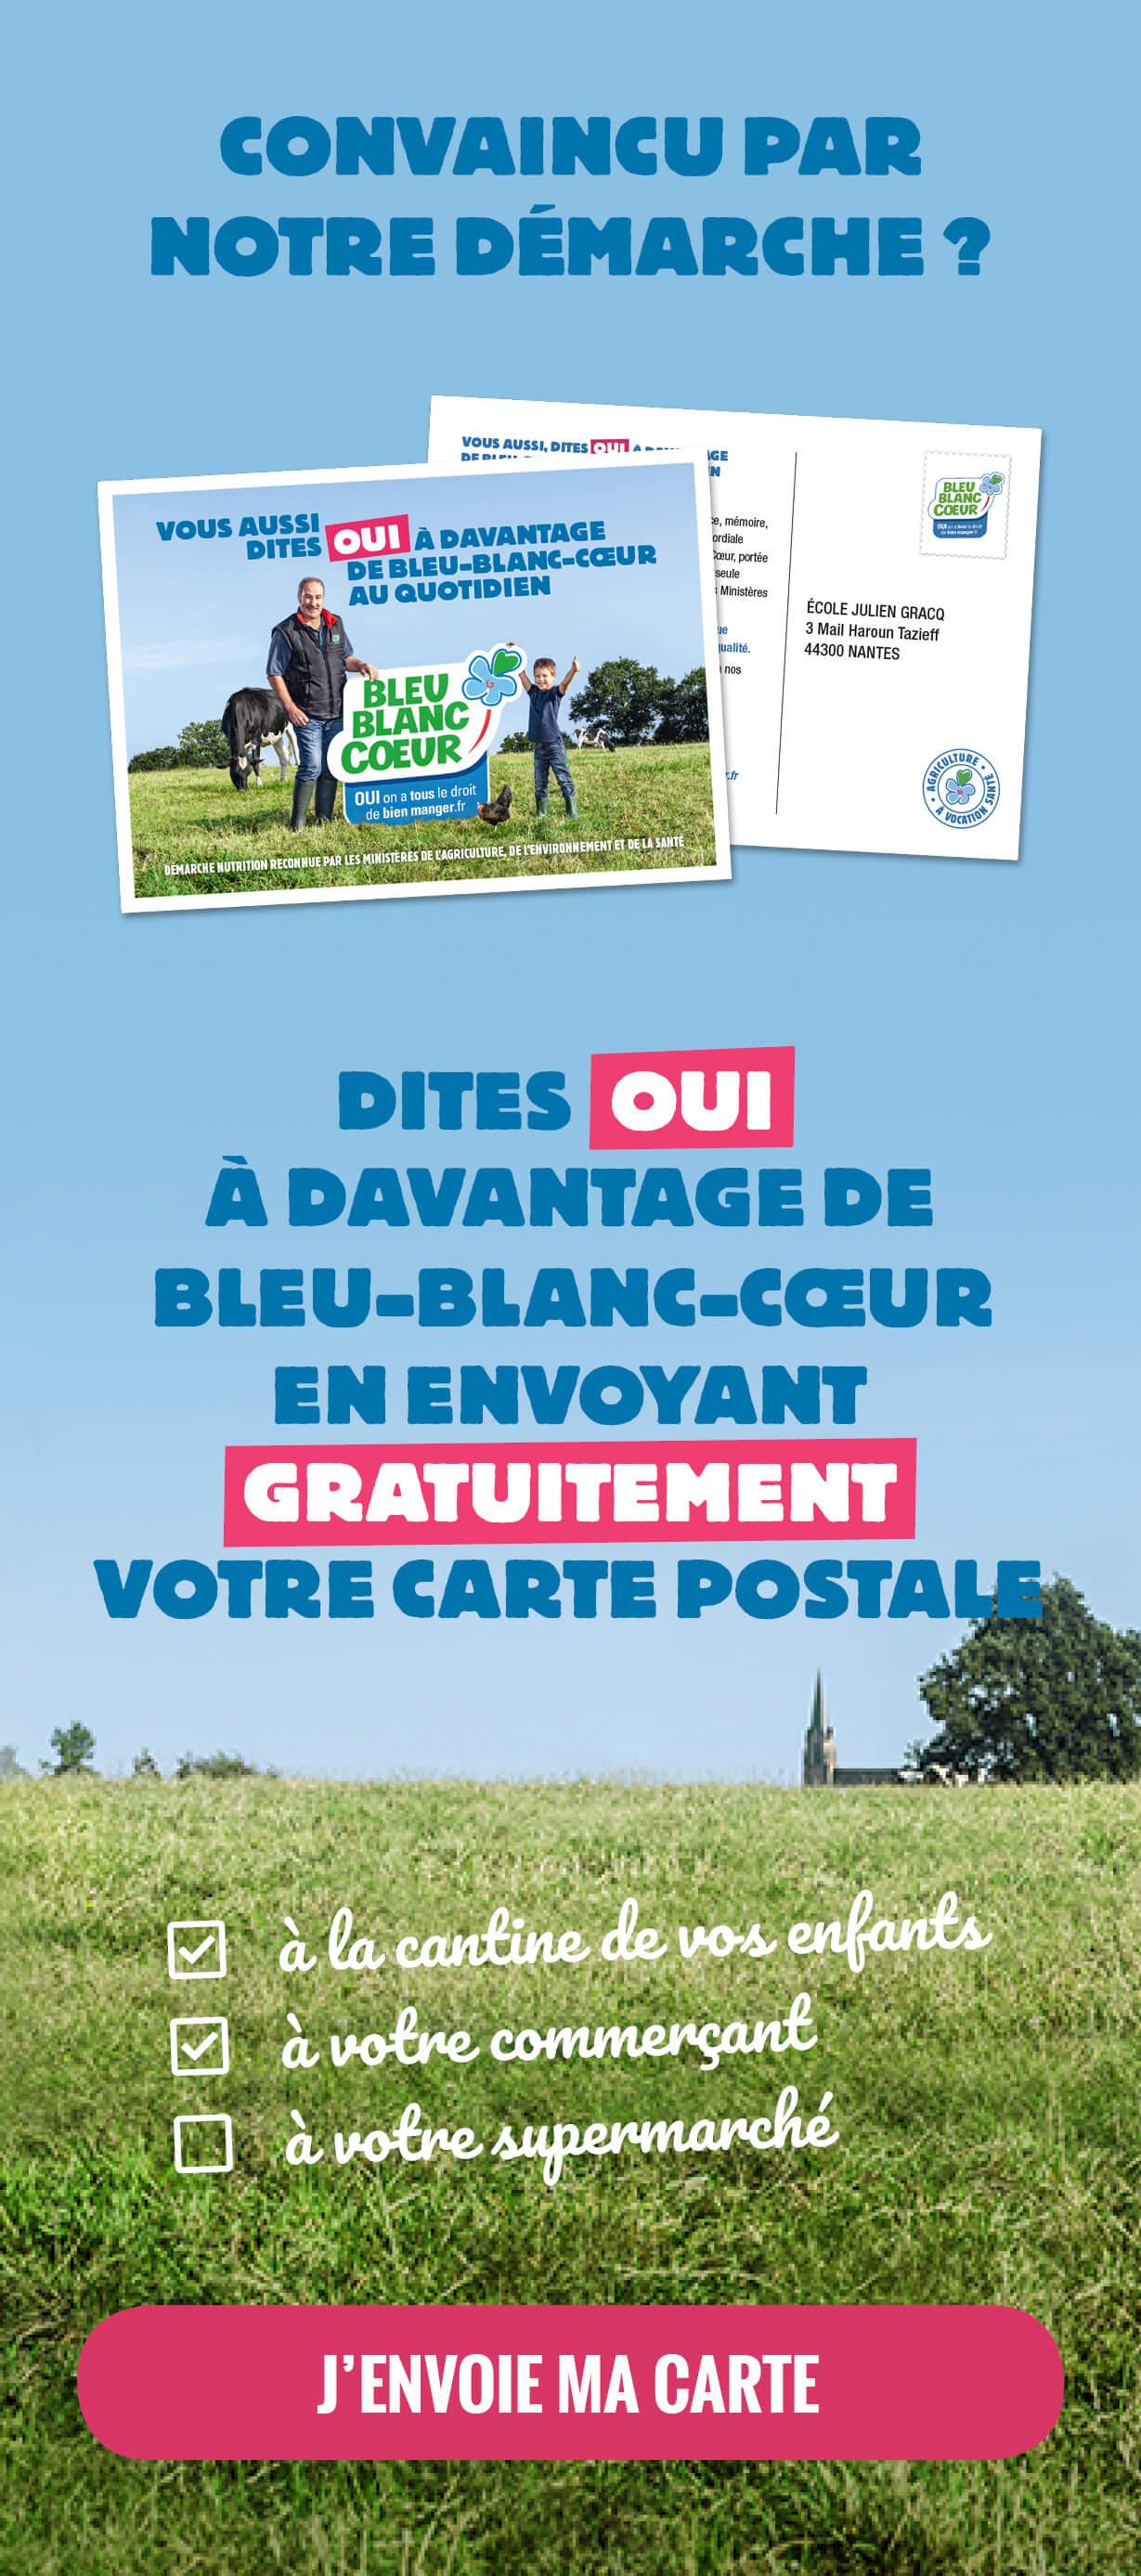 Vivez l'Euro 2016 avec Bleu-Blanc-Coeur !